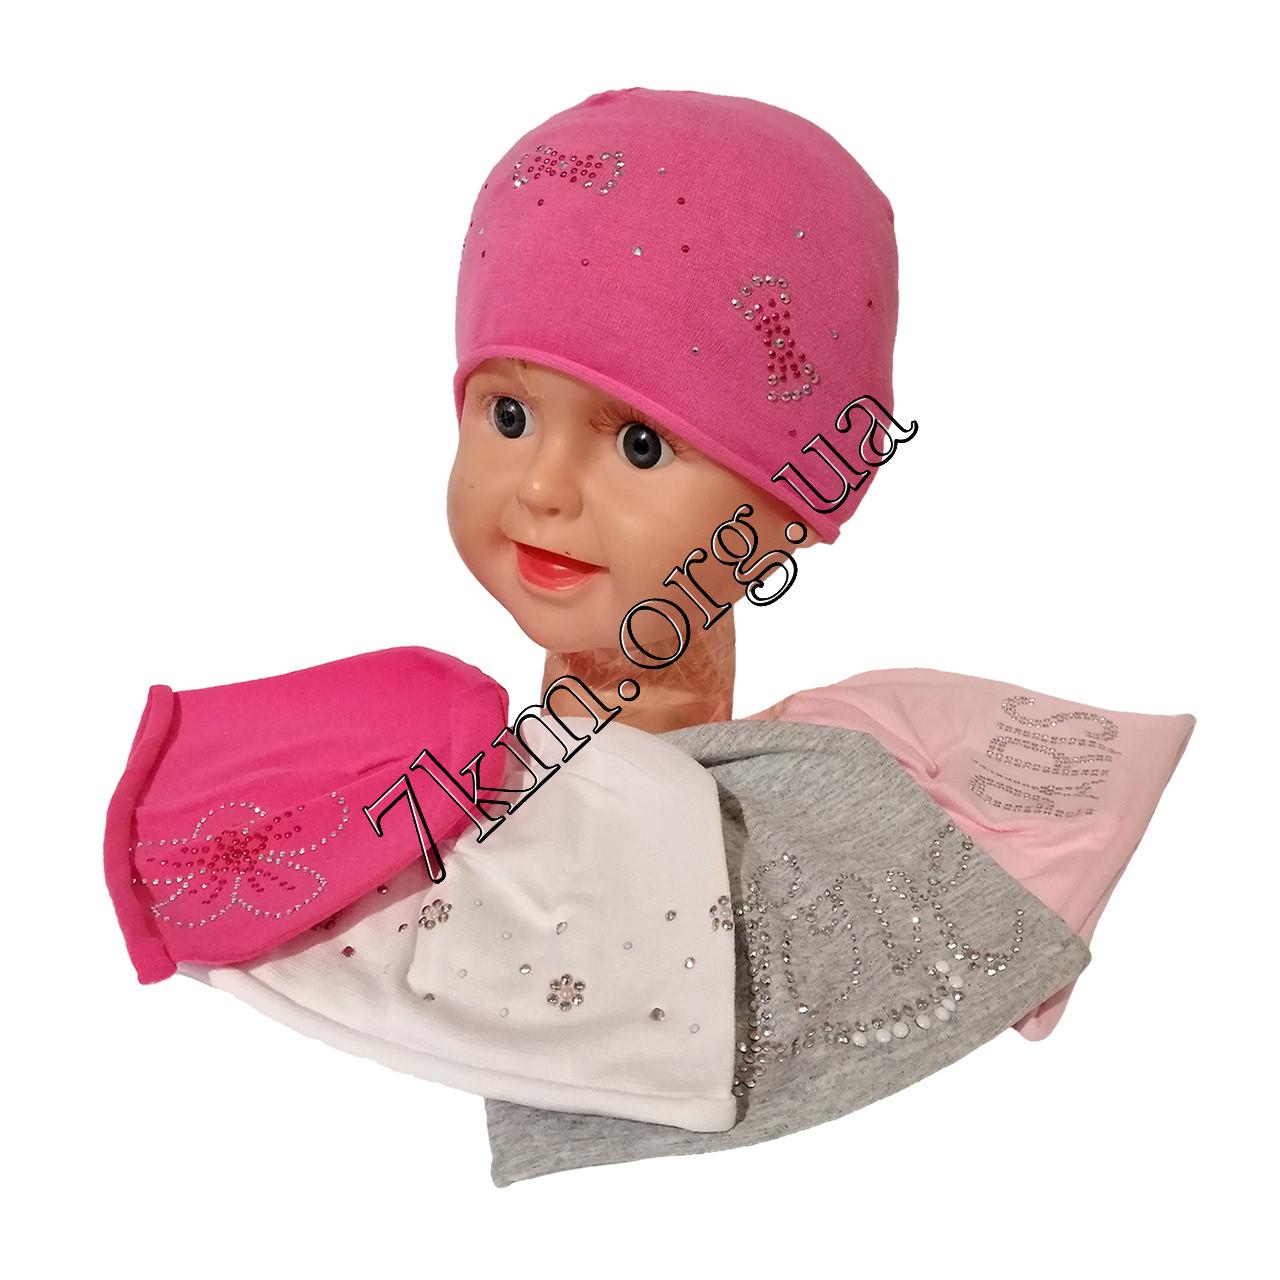 Шапка одинарний трикотаж для новонароджених дівчаток 0-6 місяців Польща Оптом 6021